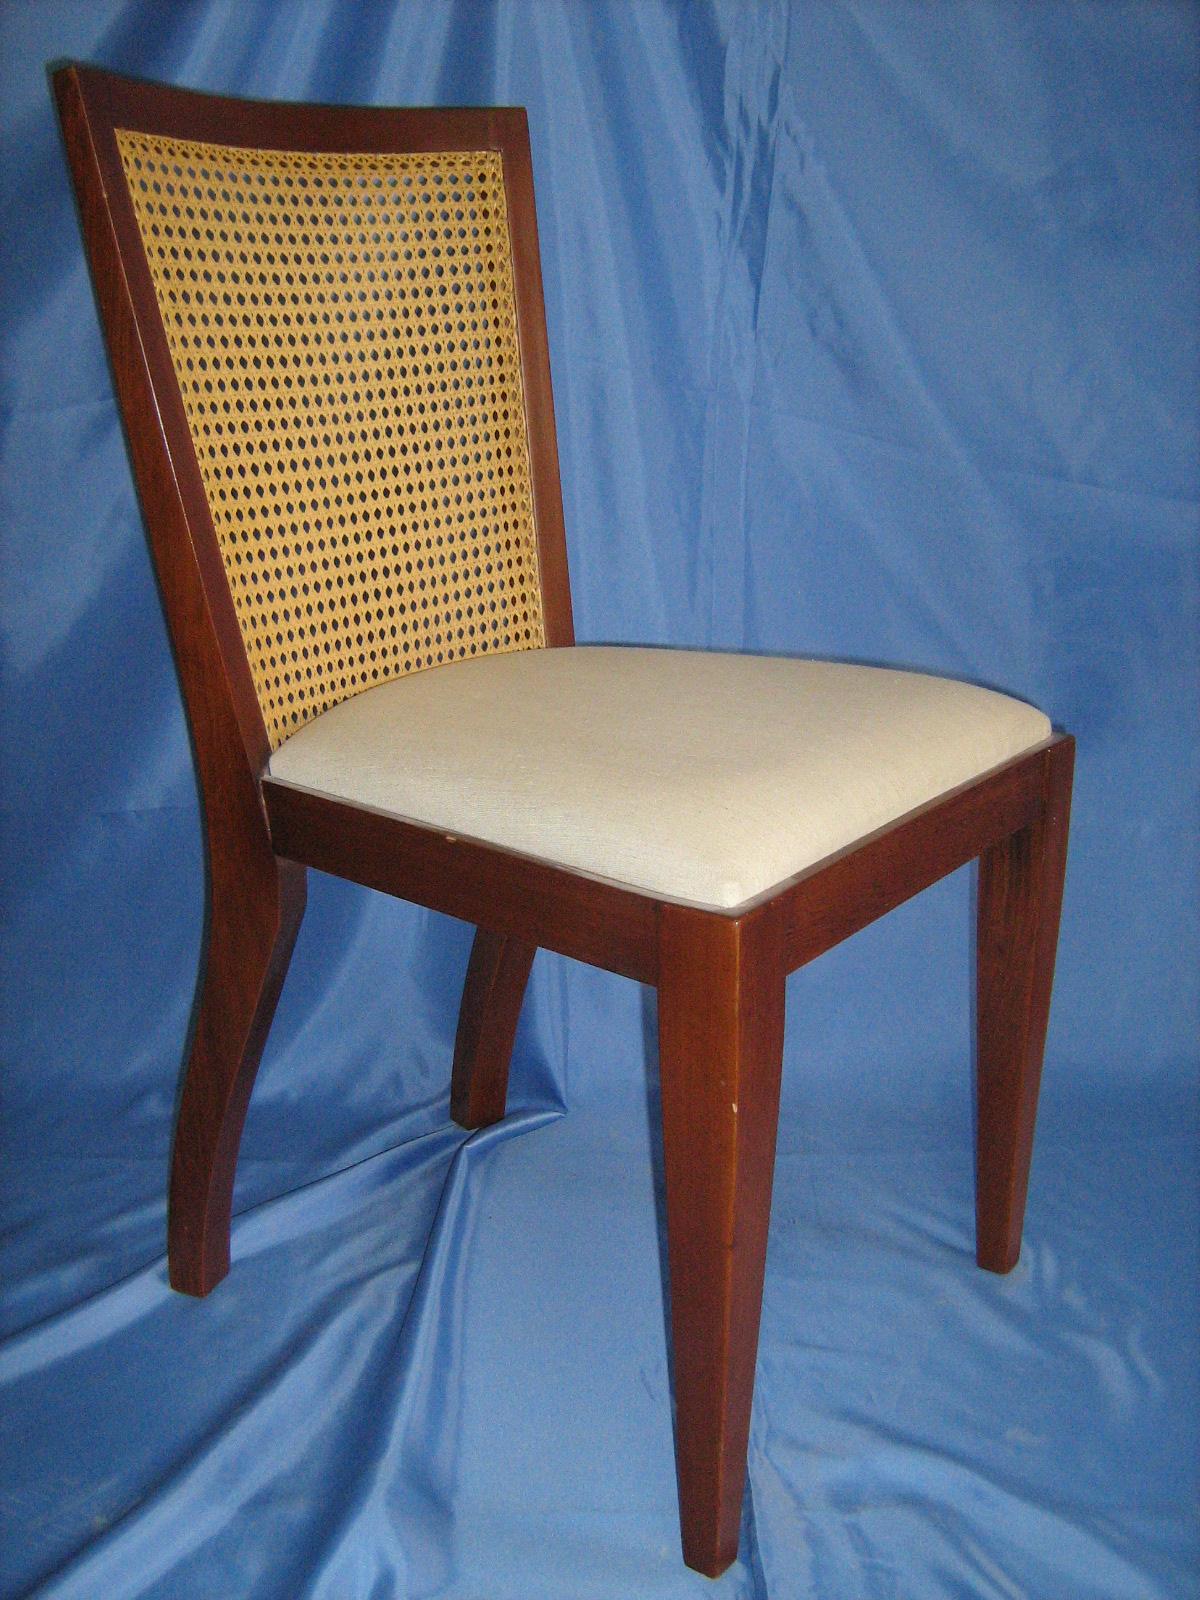 Cadeira e Mesa: Cadeira com Palha #653324 1200x1600